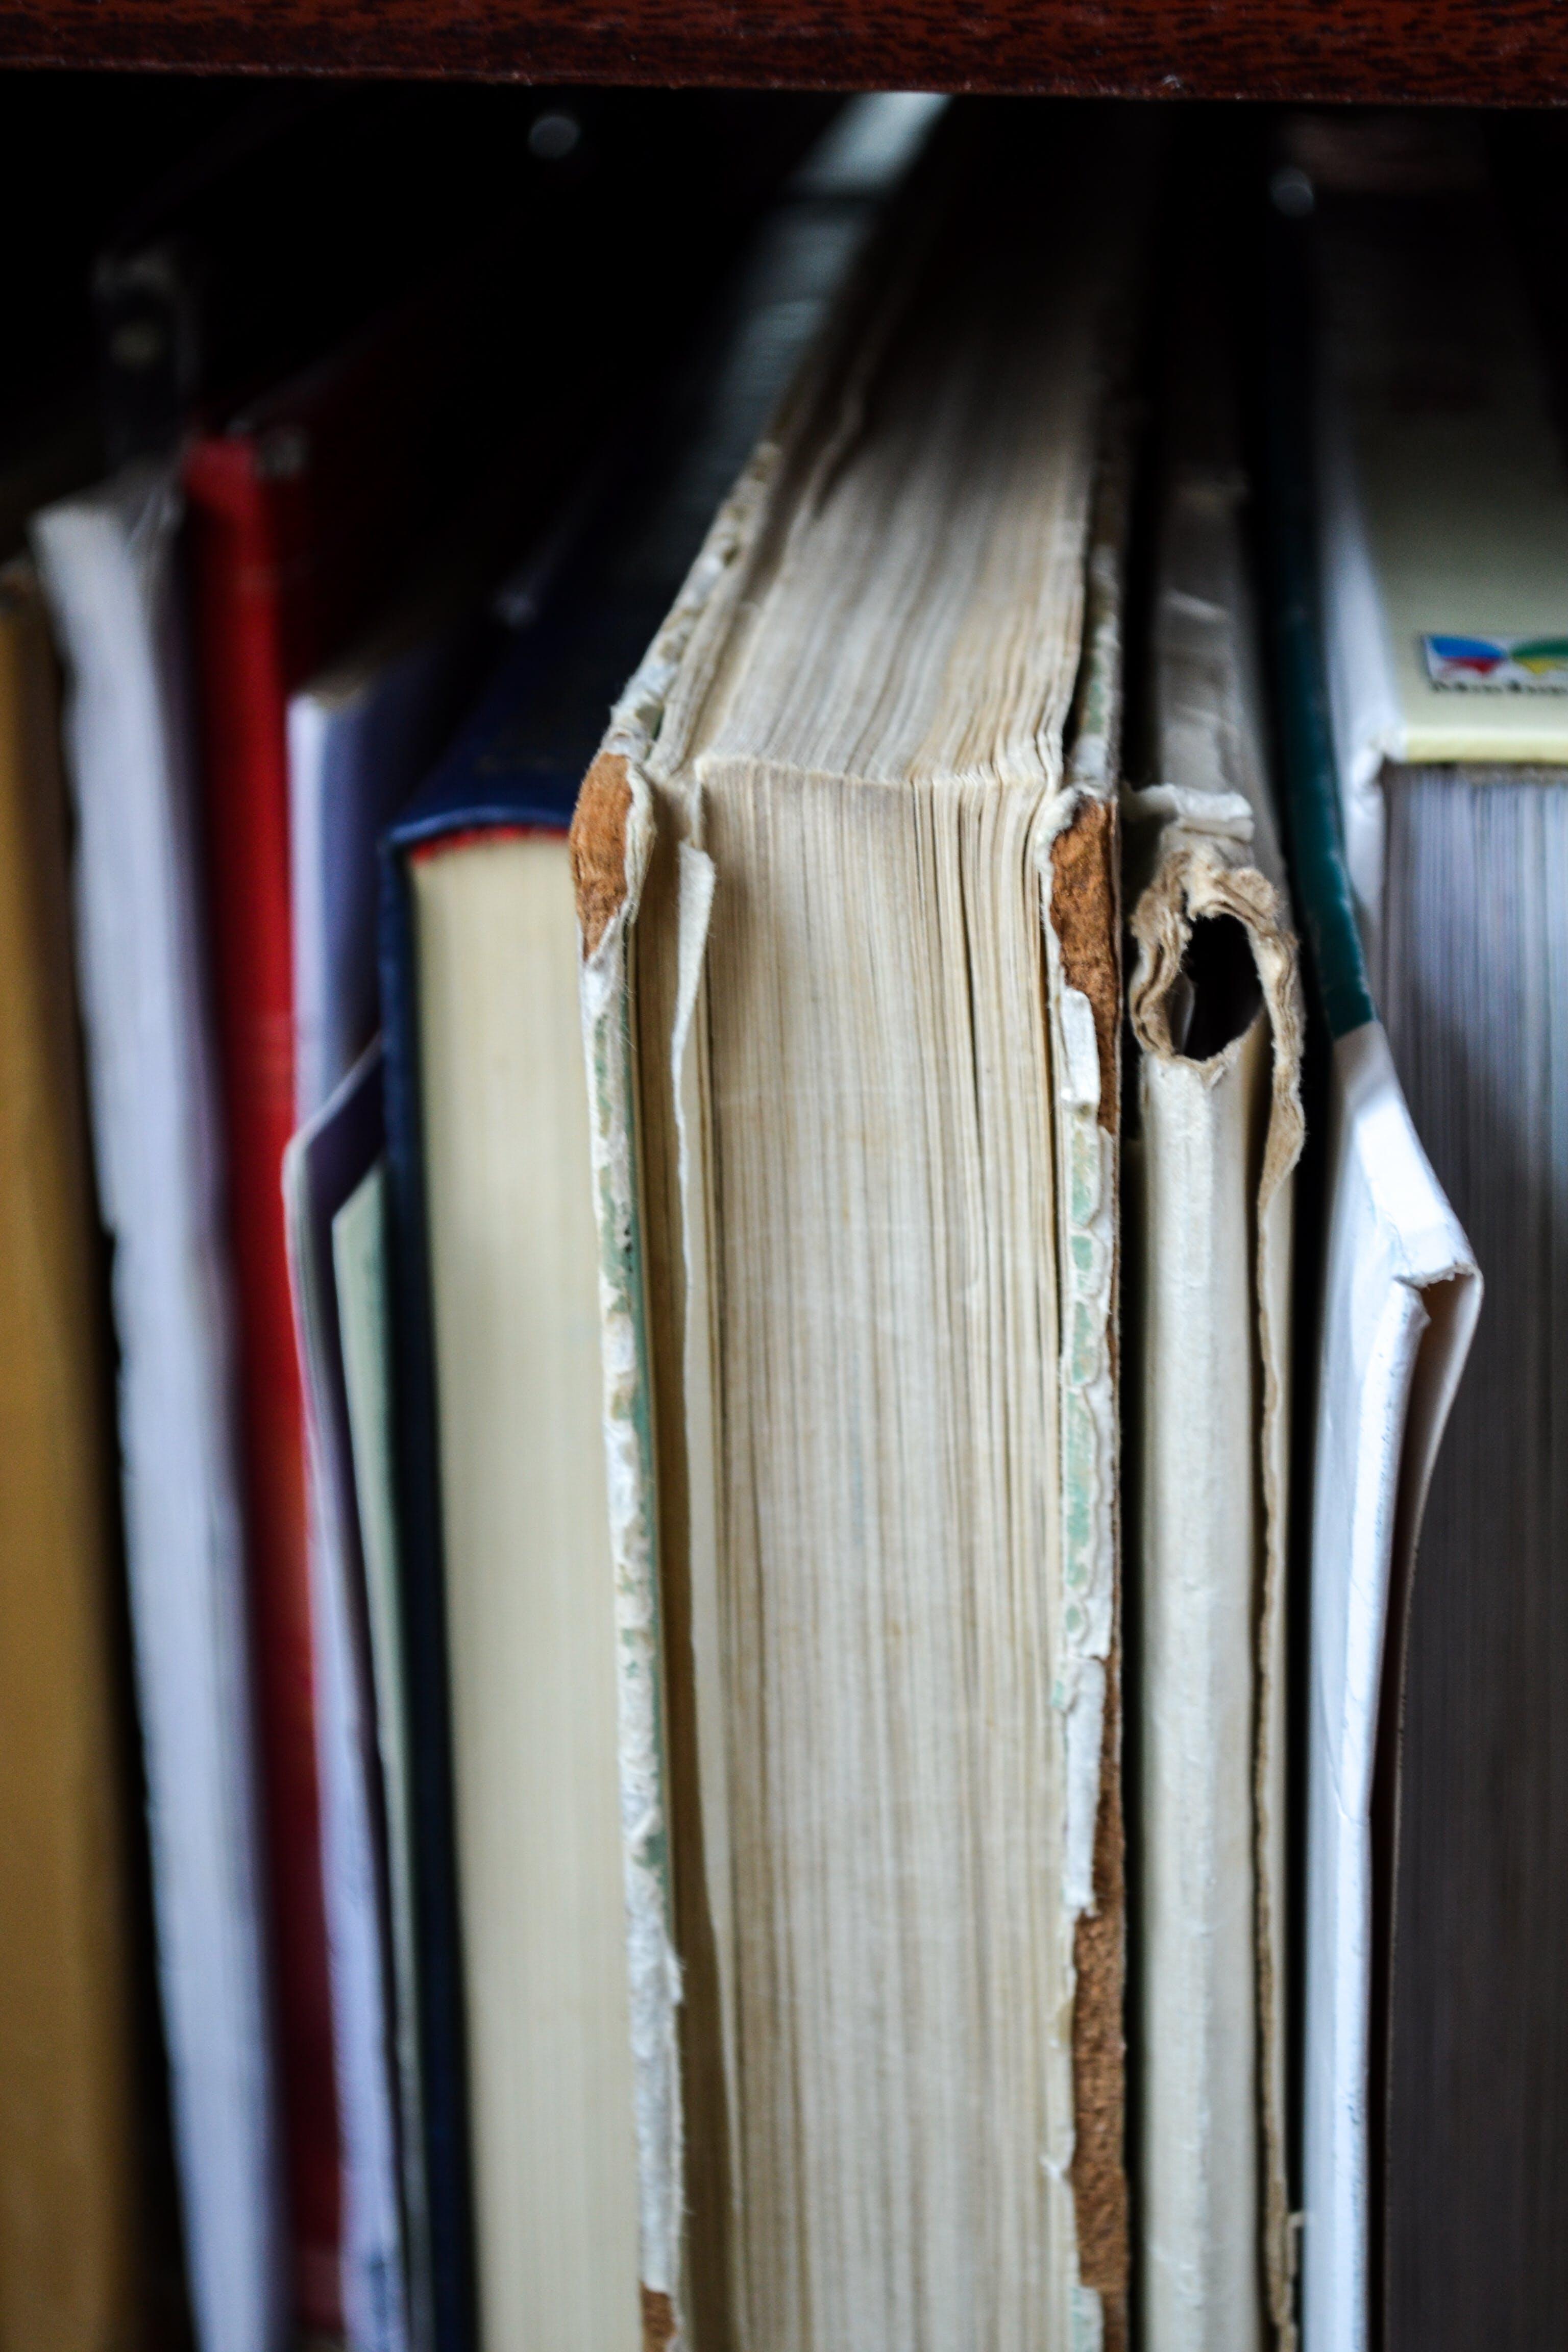 Immagine gratuita di interni, libri, libro con copertina rigida, pagine